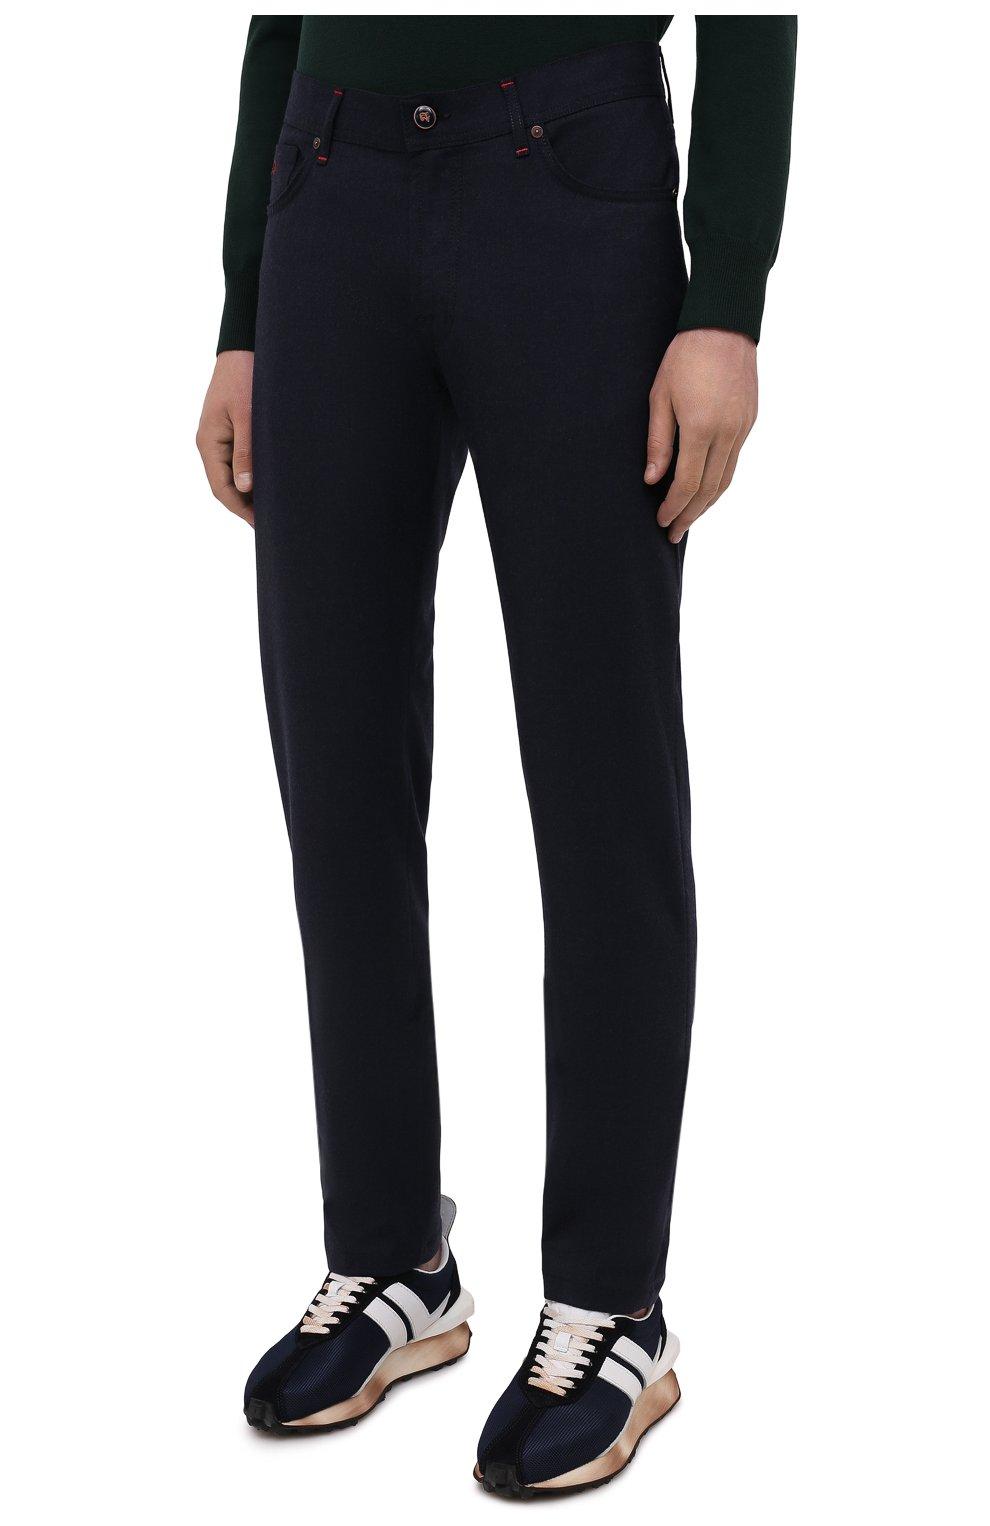 Мужские кашемировые брюки MARCO PESCAROLO темно-синего цвета, арт. NERAN0M18/ZIP/4442 | Фото 3 (Материал внешний: Шерсть, Кашемир; Длина (брюки, джинсы): Стандартные; Случай: Повседневный; Стили: Кэжуэл)